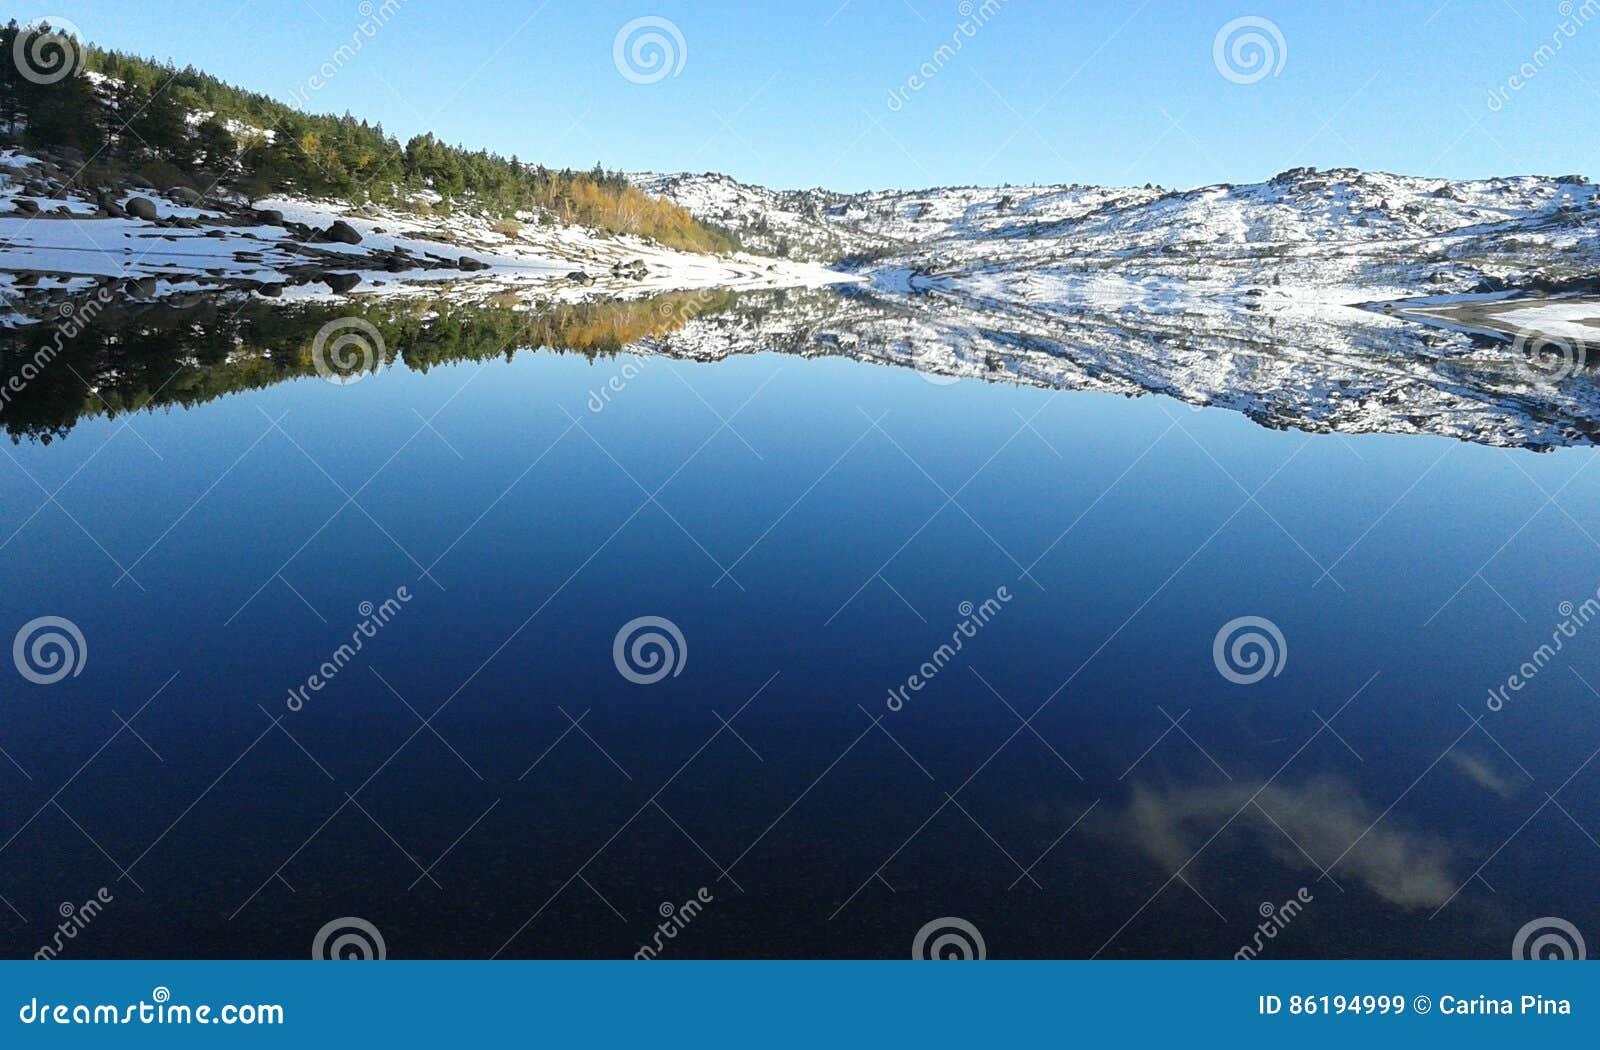 Waterr mirror